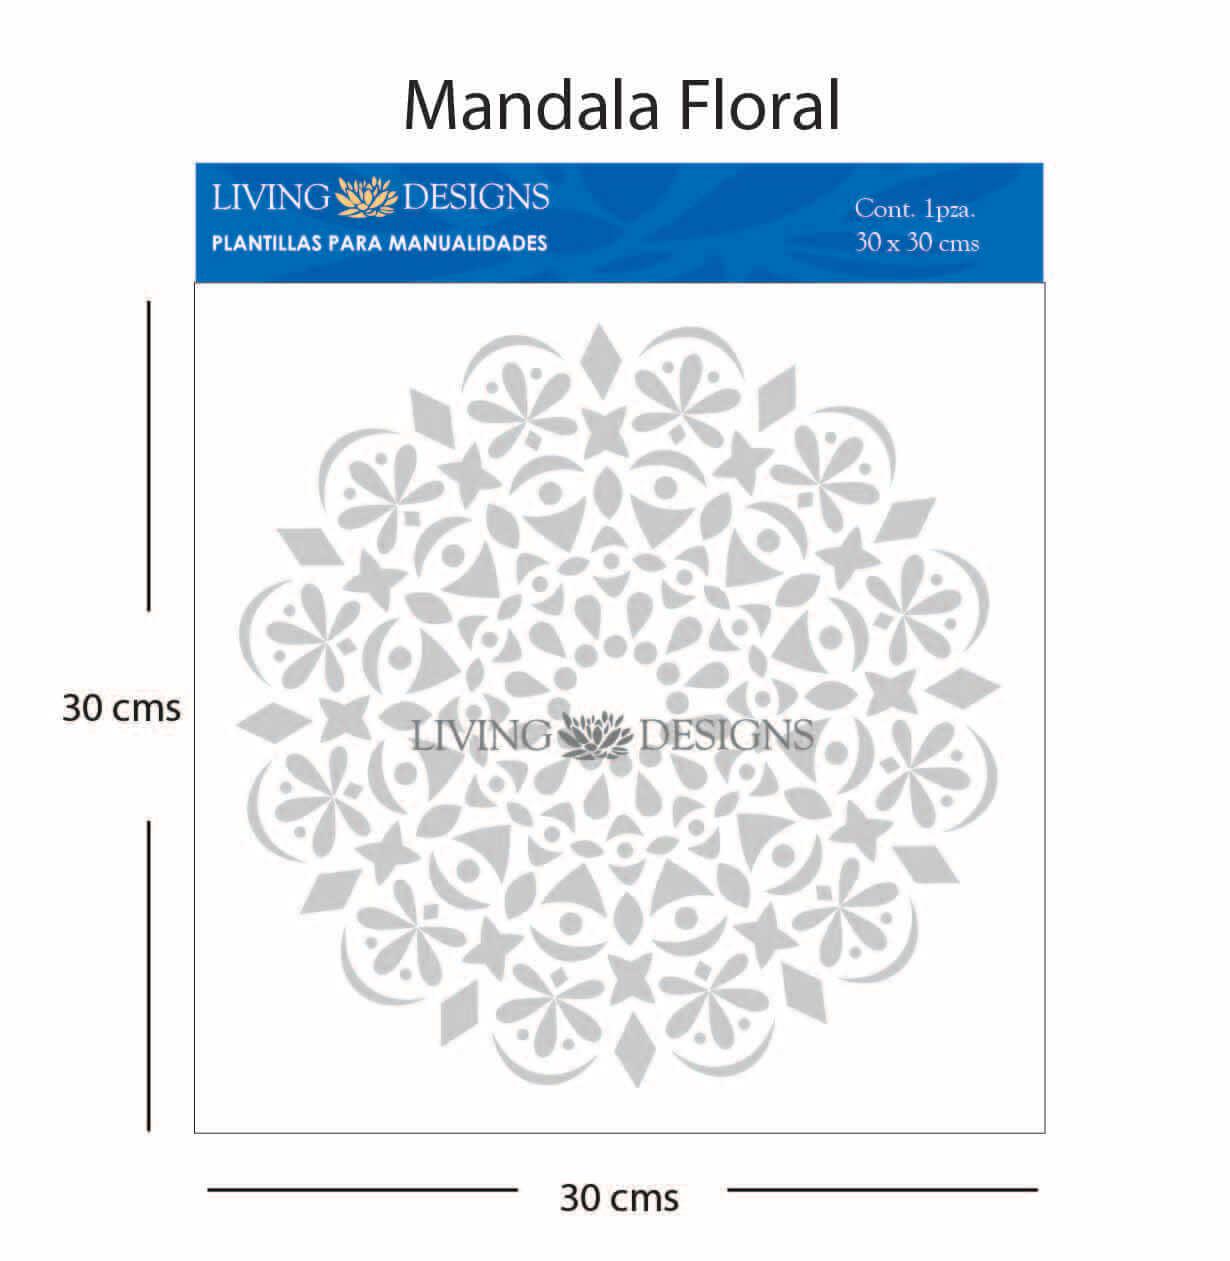 Plantilla para manualidades mandala floral plantillas - Plantilla mandala pared ...